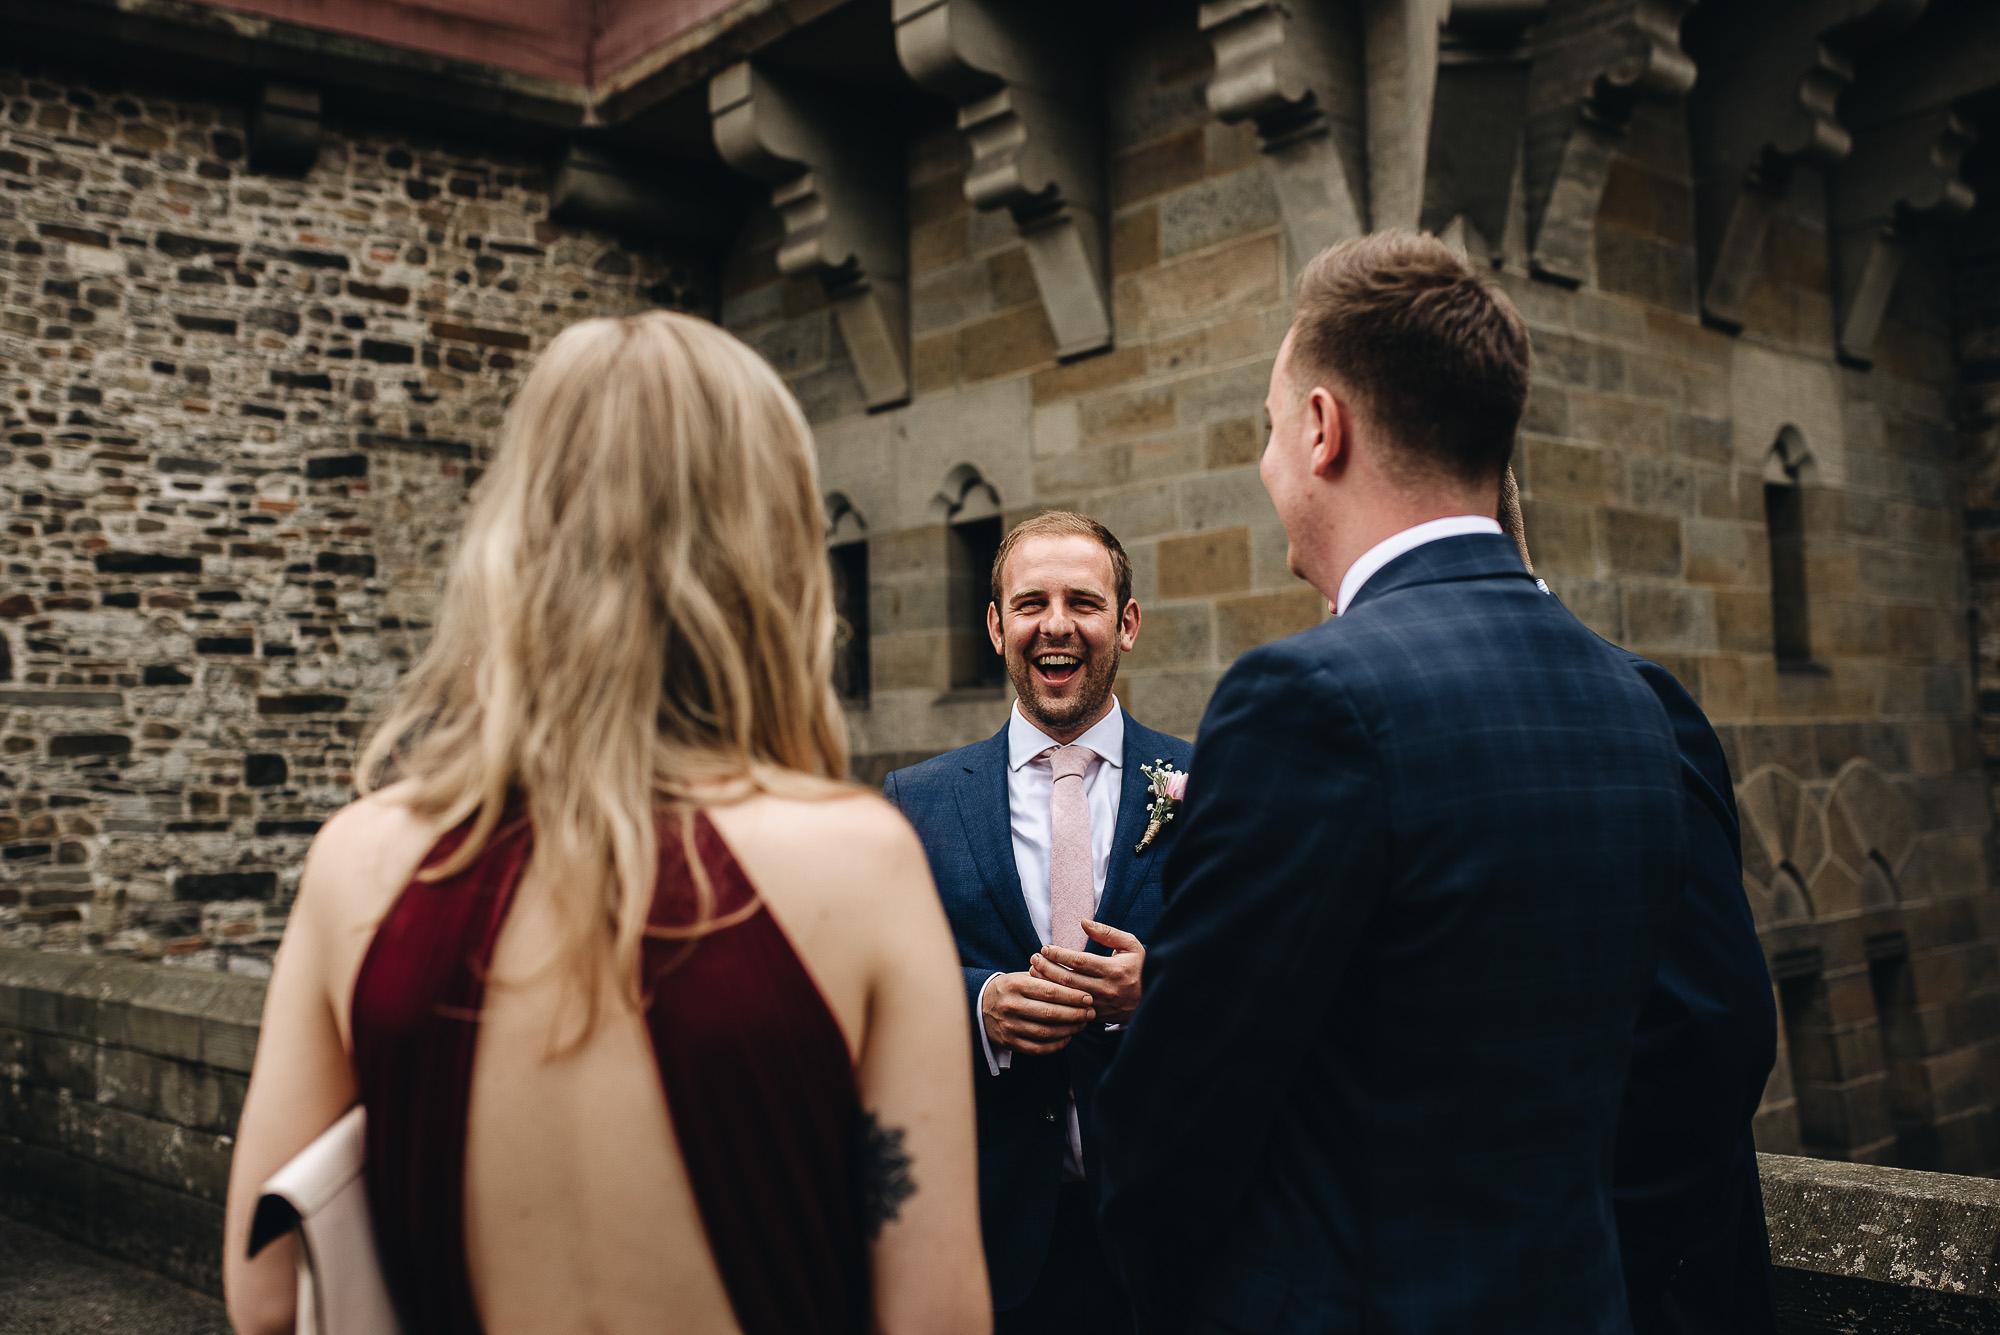 OurBeautifulAdventure-CardiffCastleWedding-Maddie&Joe-WeddingBlog-1644.jpg